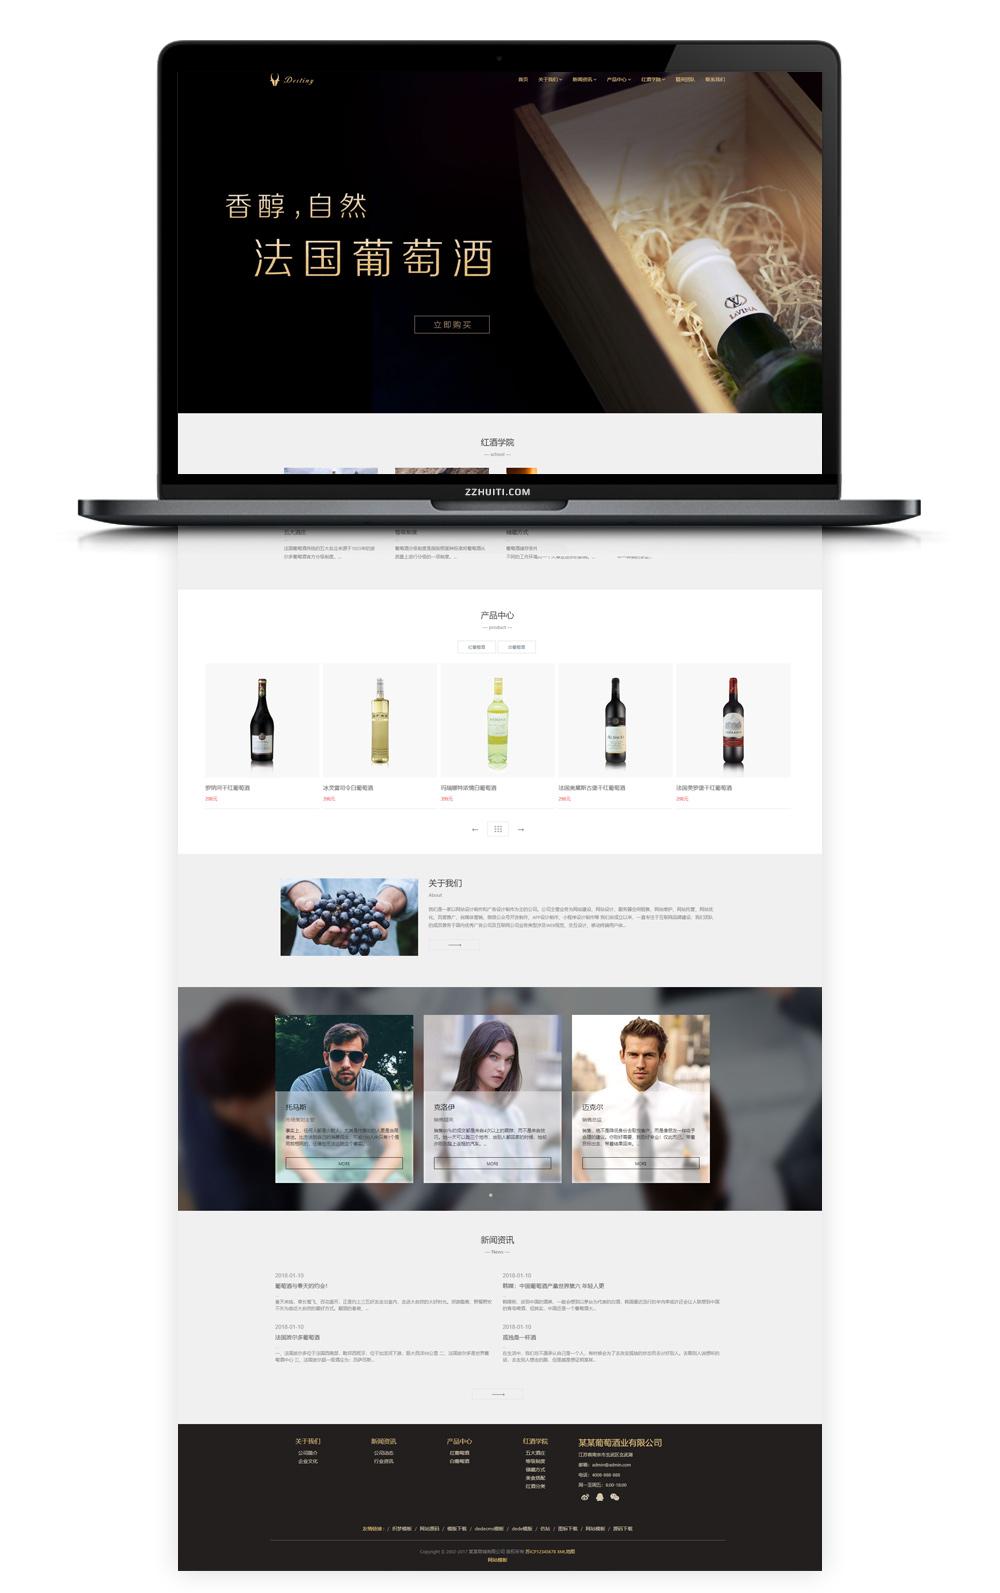 【织梦红酒企业模板】html5响应式葡萄酒+酒类食品DEDECMS网站源码自适应手机WAP端-蓝汇源码